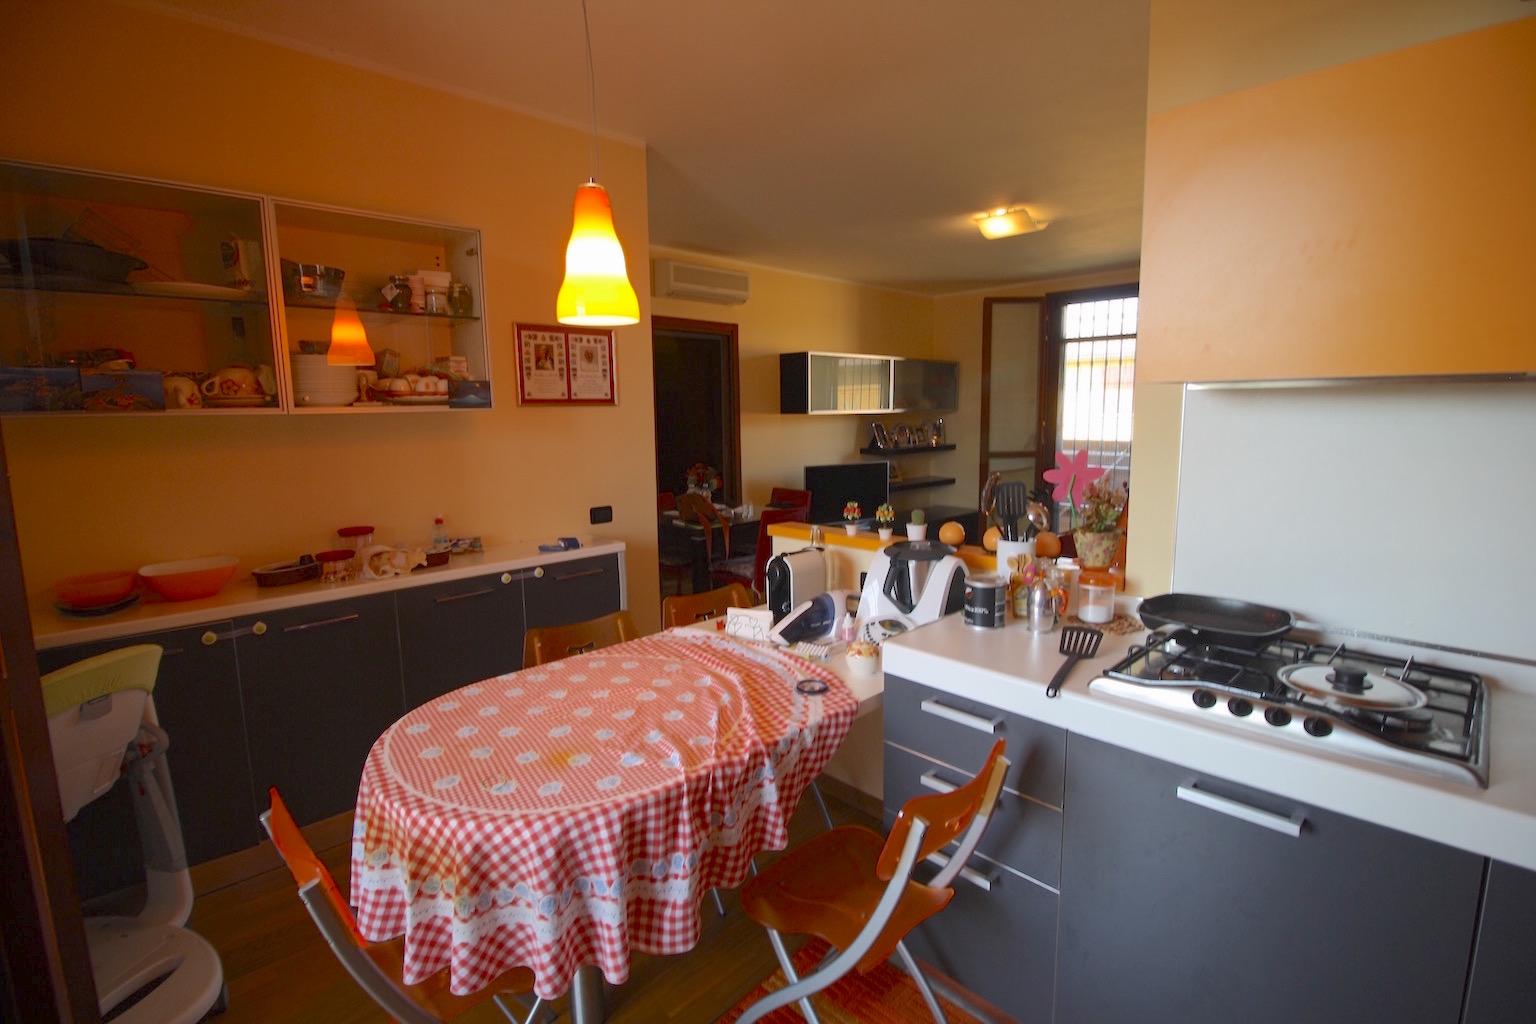 Appartamento in vendita a Campegine, 3 locali, zona Zona: Caprara, prezzo € 173.000 | CambioCasa.it